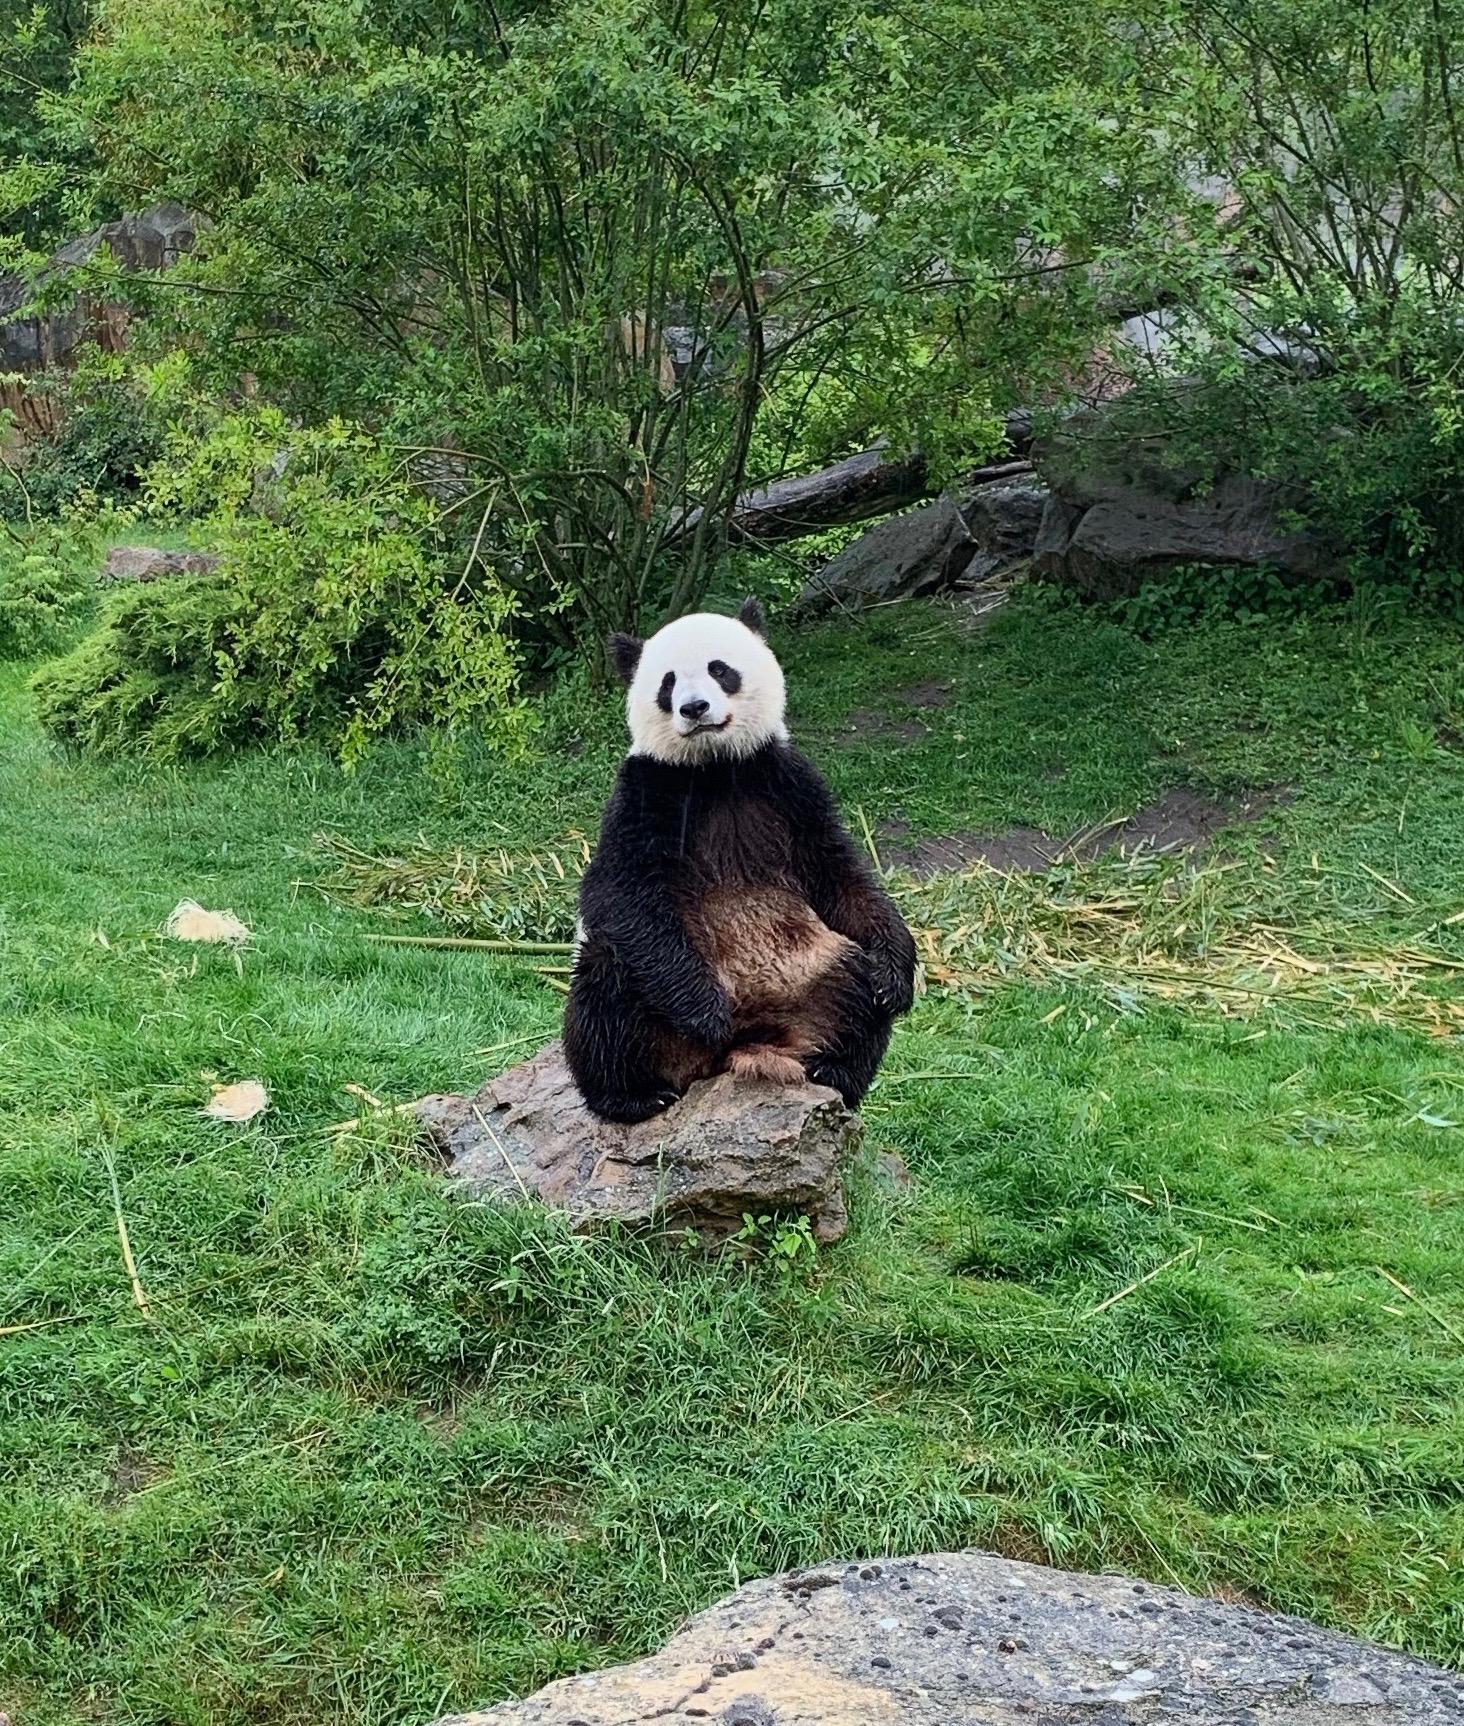 Beauval mit etwas melancholischem Panda